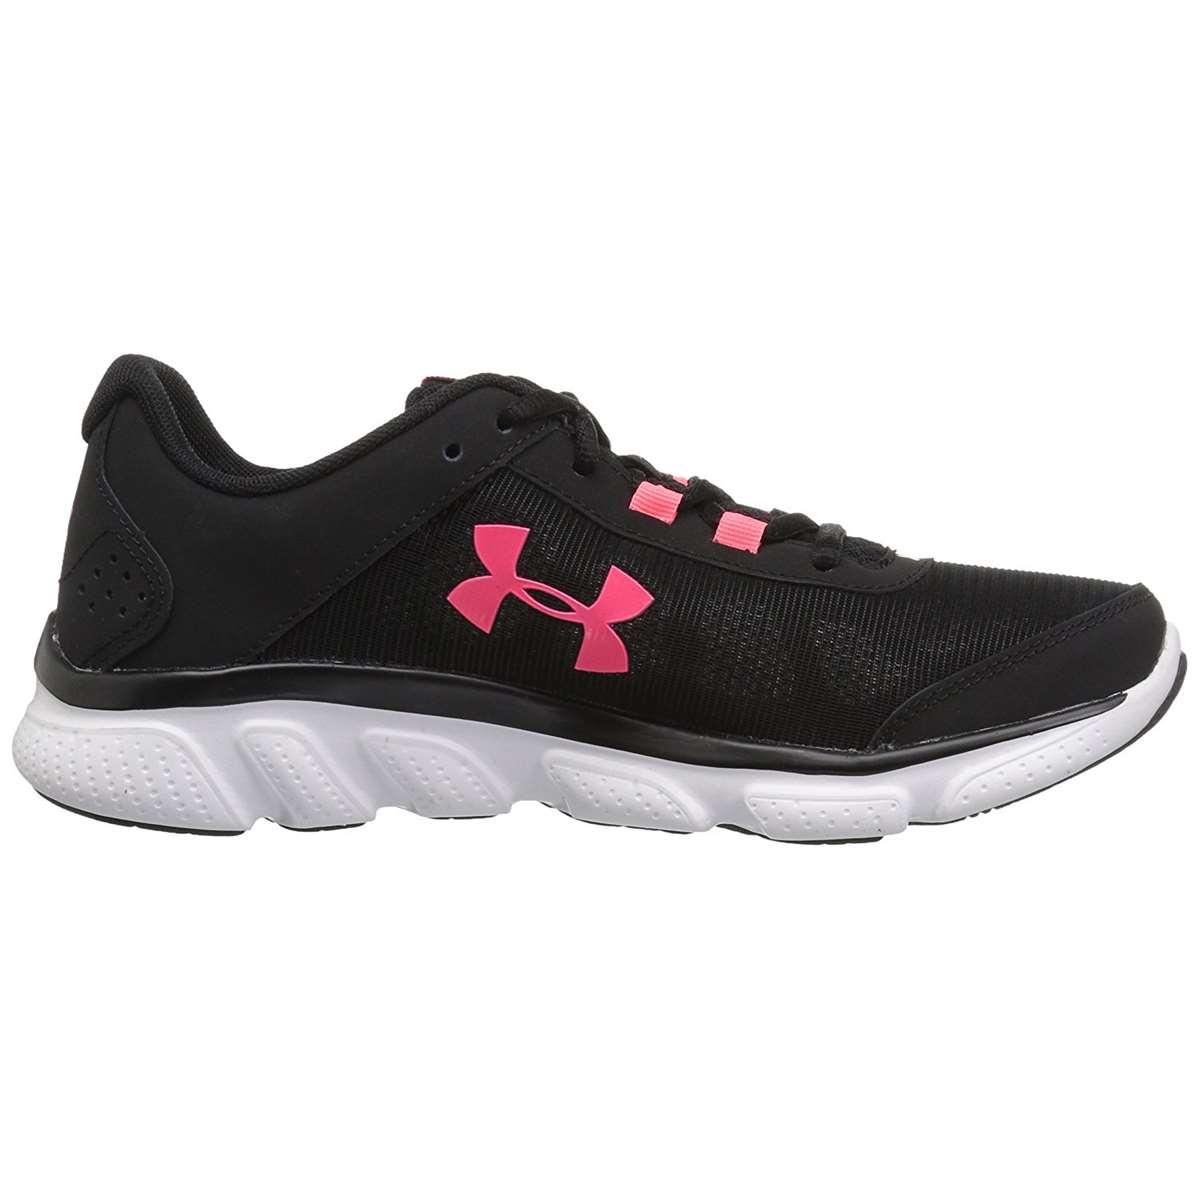 Under Armour Women Micro G Assert 7 Running Shoe